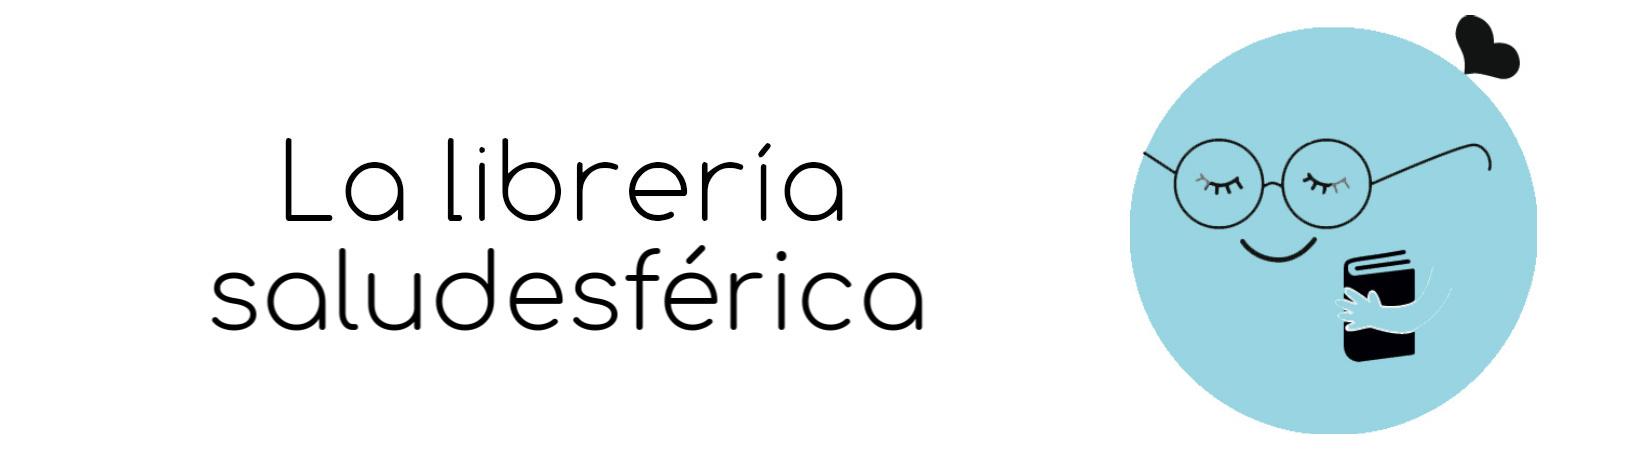 cabecera-libreria2